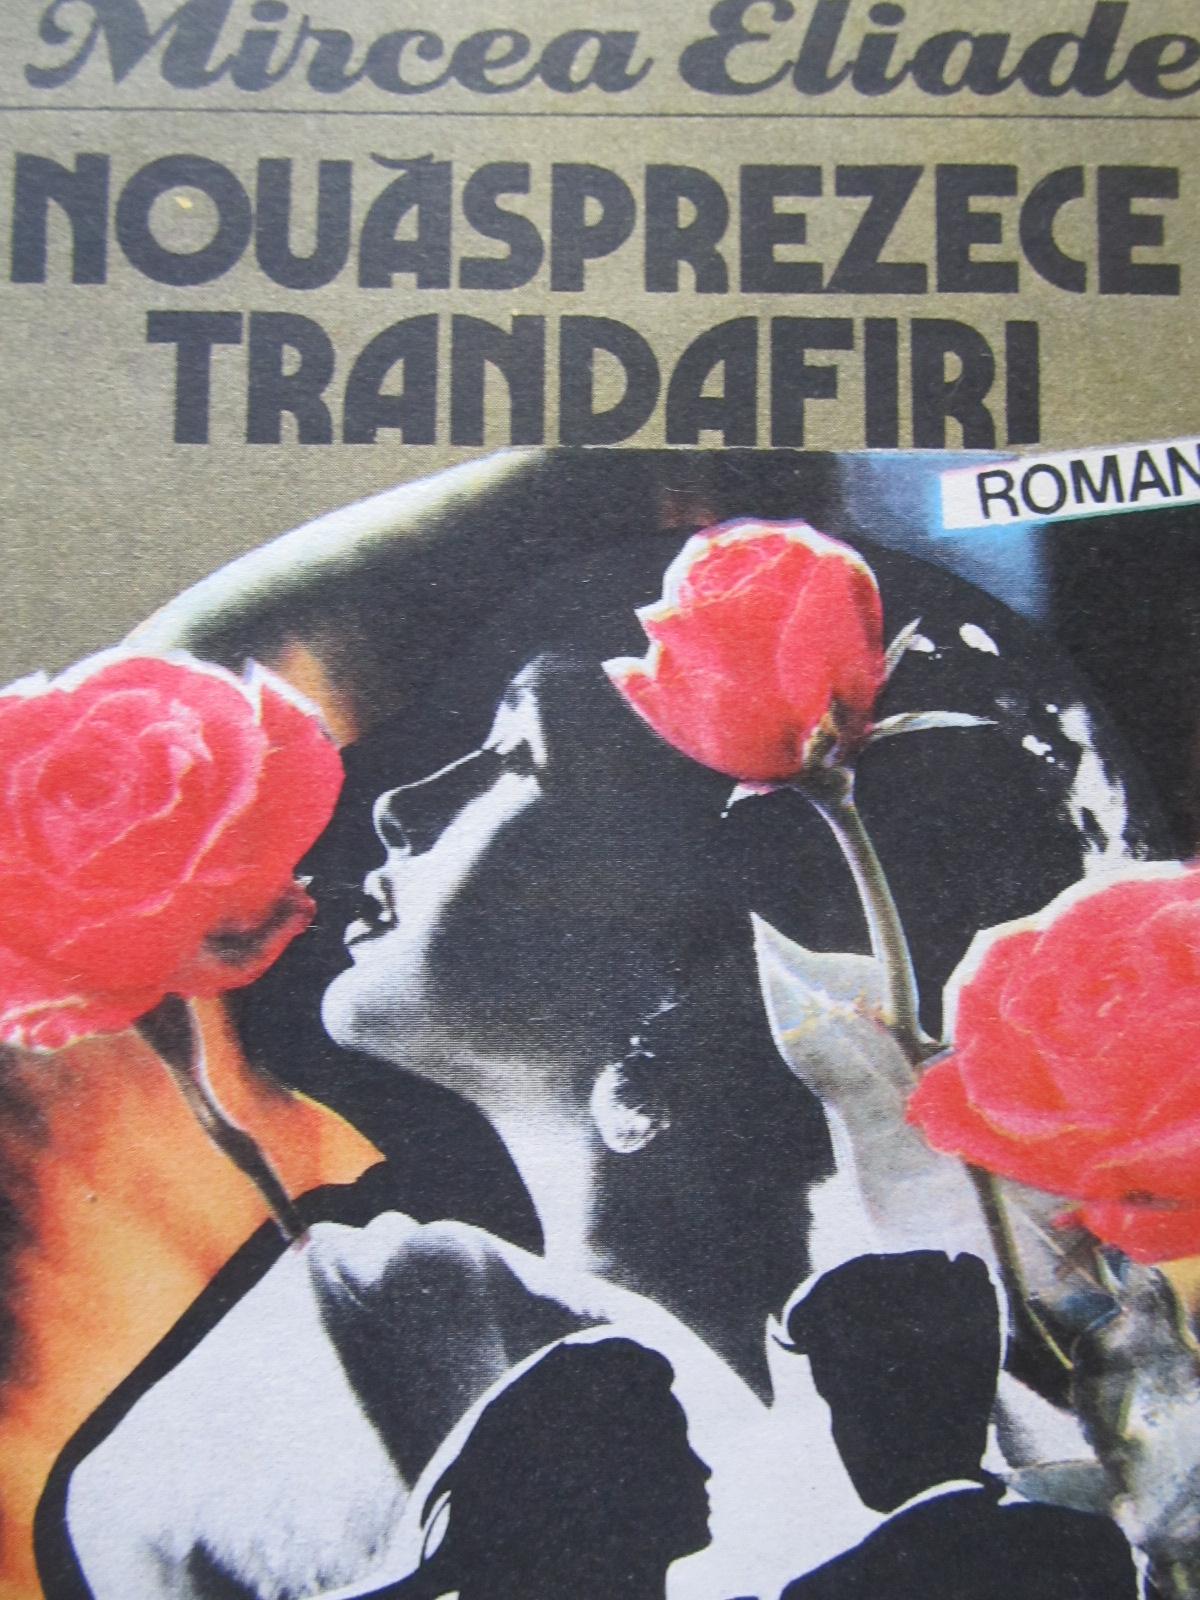 Nouasprezece trandafiri - Mircea Eliade | Detalii carte